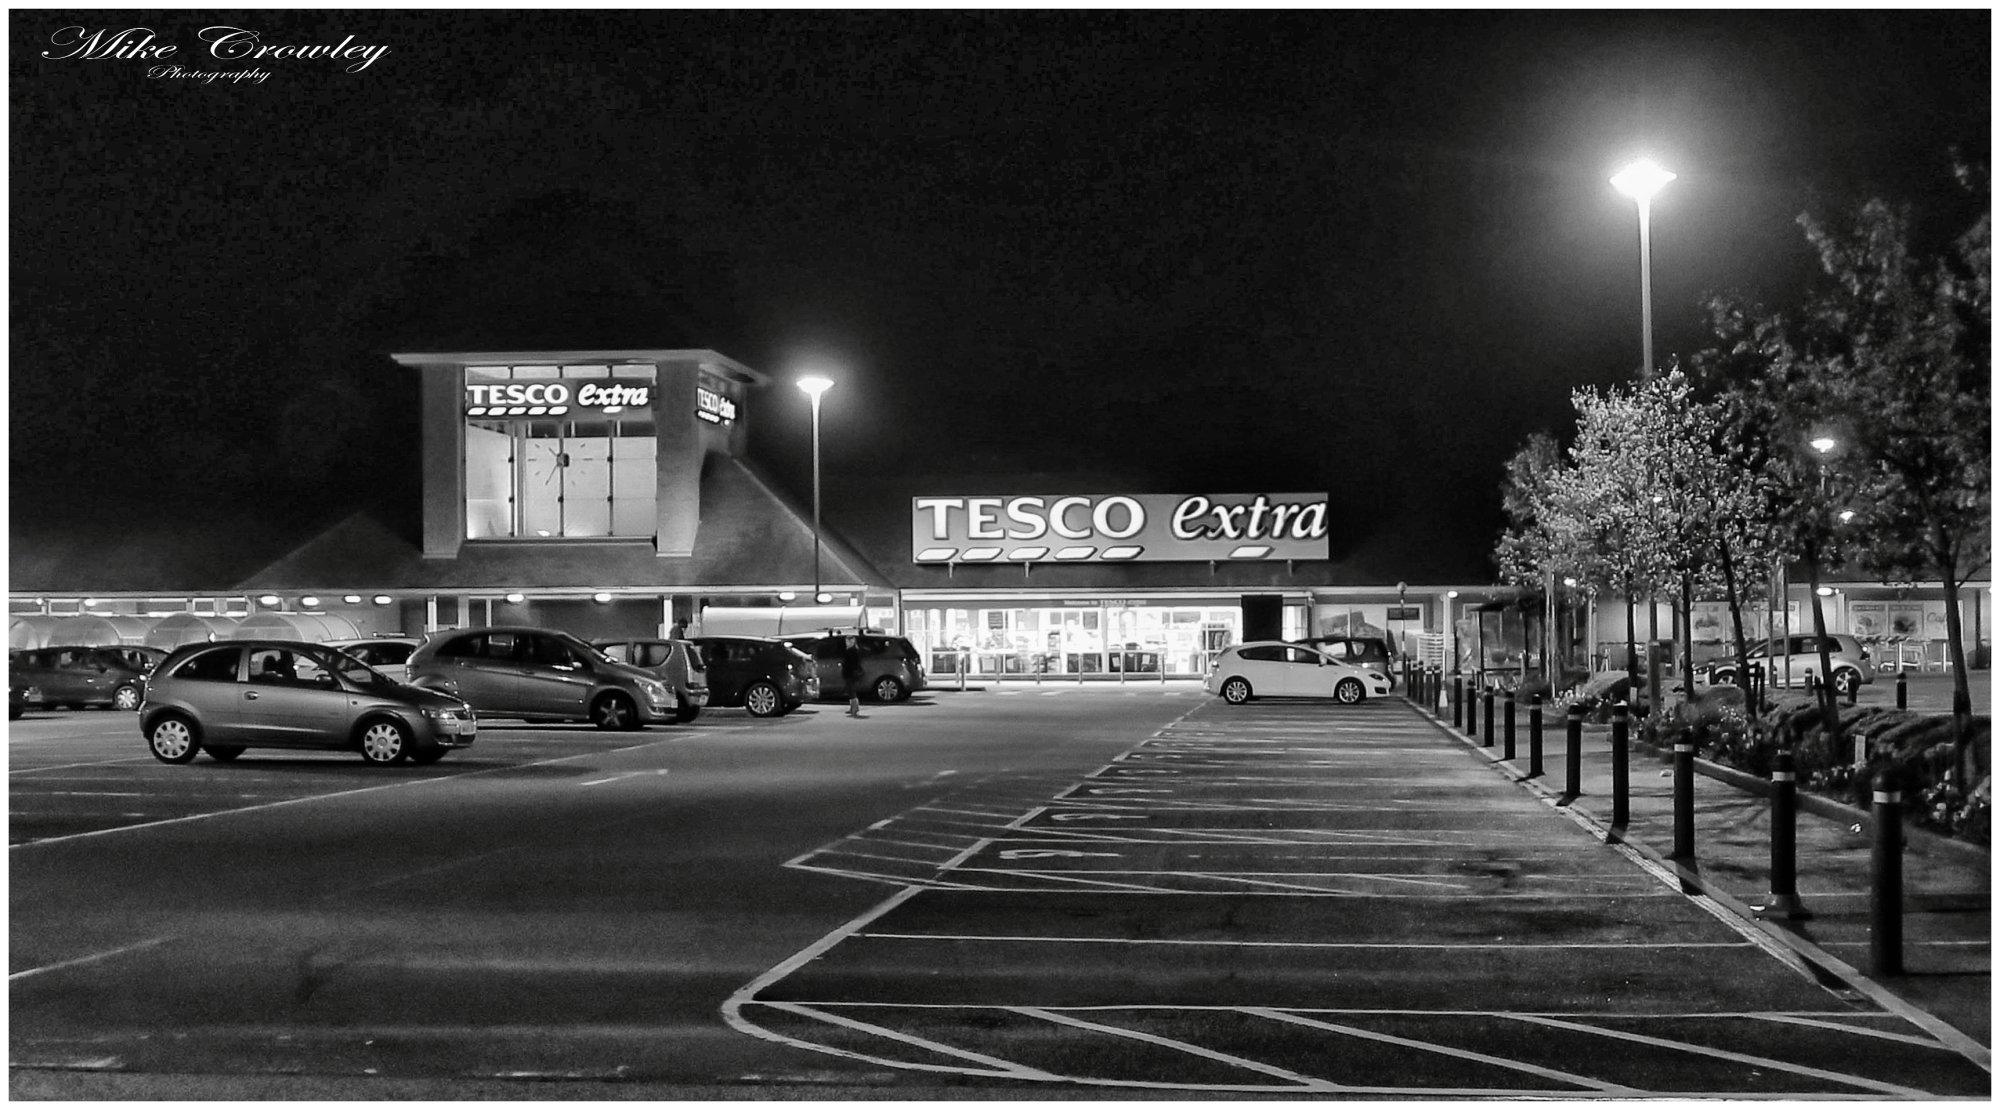 Tesco at night